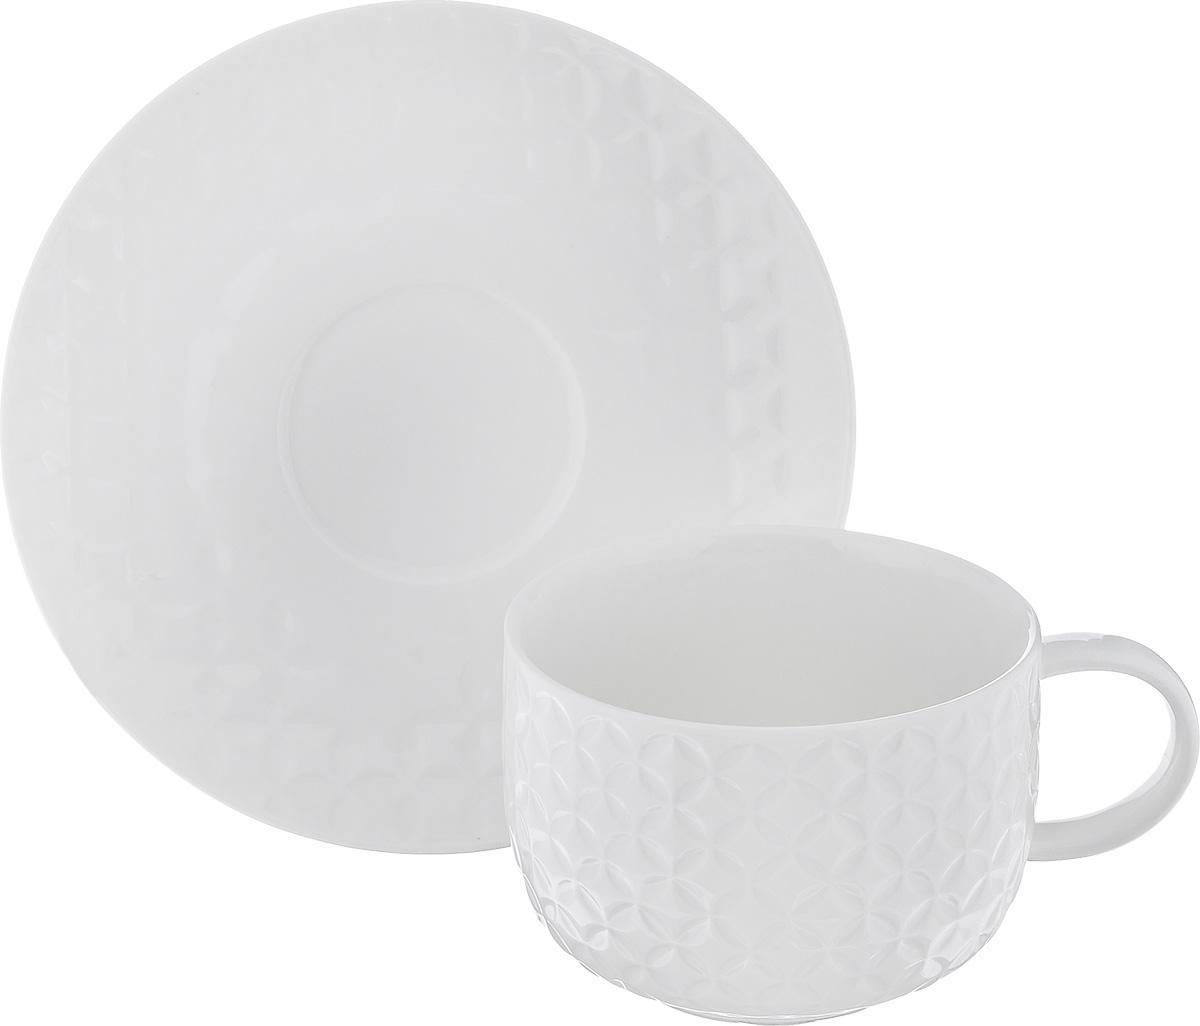 """Чайная пара Walmer """"Quincy"""" состоит из чашки и блюдца, изготовленных из фарфора белого цвета. Внешние стенки чашки декорированы объемным изображением орнамента. Чайная пара Walmer """"Quincy"""" украсит ваш кухонный стол, а также станет замечательным подарком к любому празднику. Объем чашки: 250 мл. Диаметр чашки (по верхнему краю): 9,2 см. Диаметр основания: 5 см. Высота чашки: 6,5 см. Диаметр блюдца (по верхнему краю): 15,5 см."""